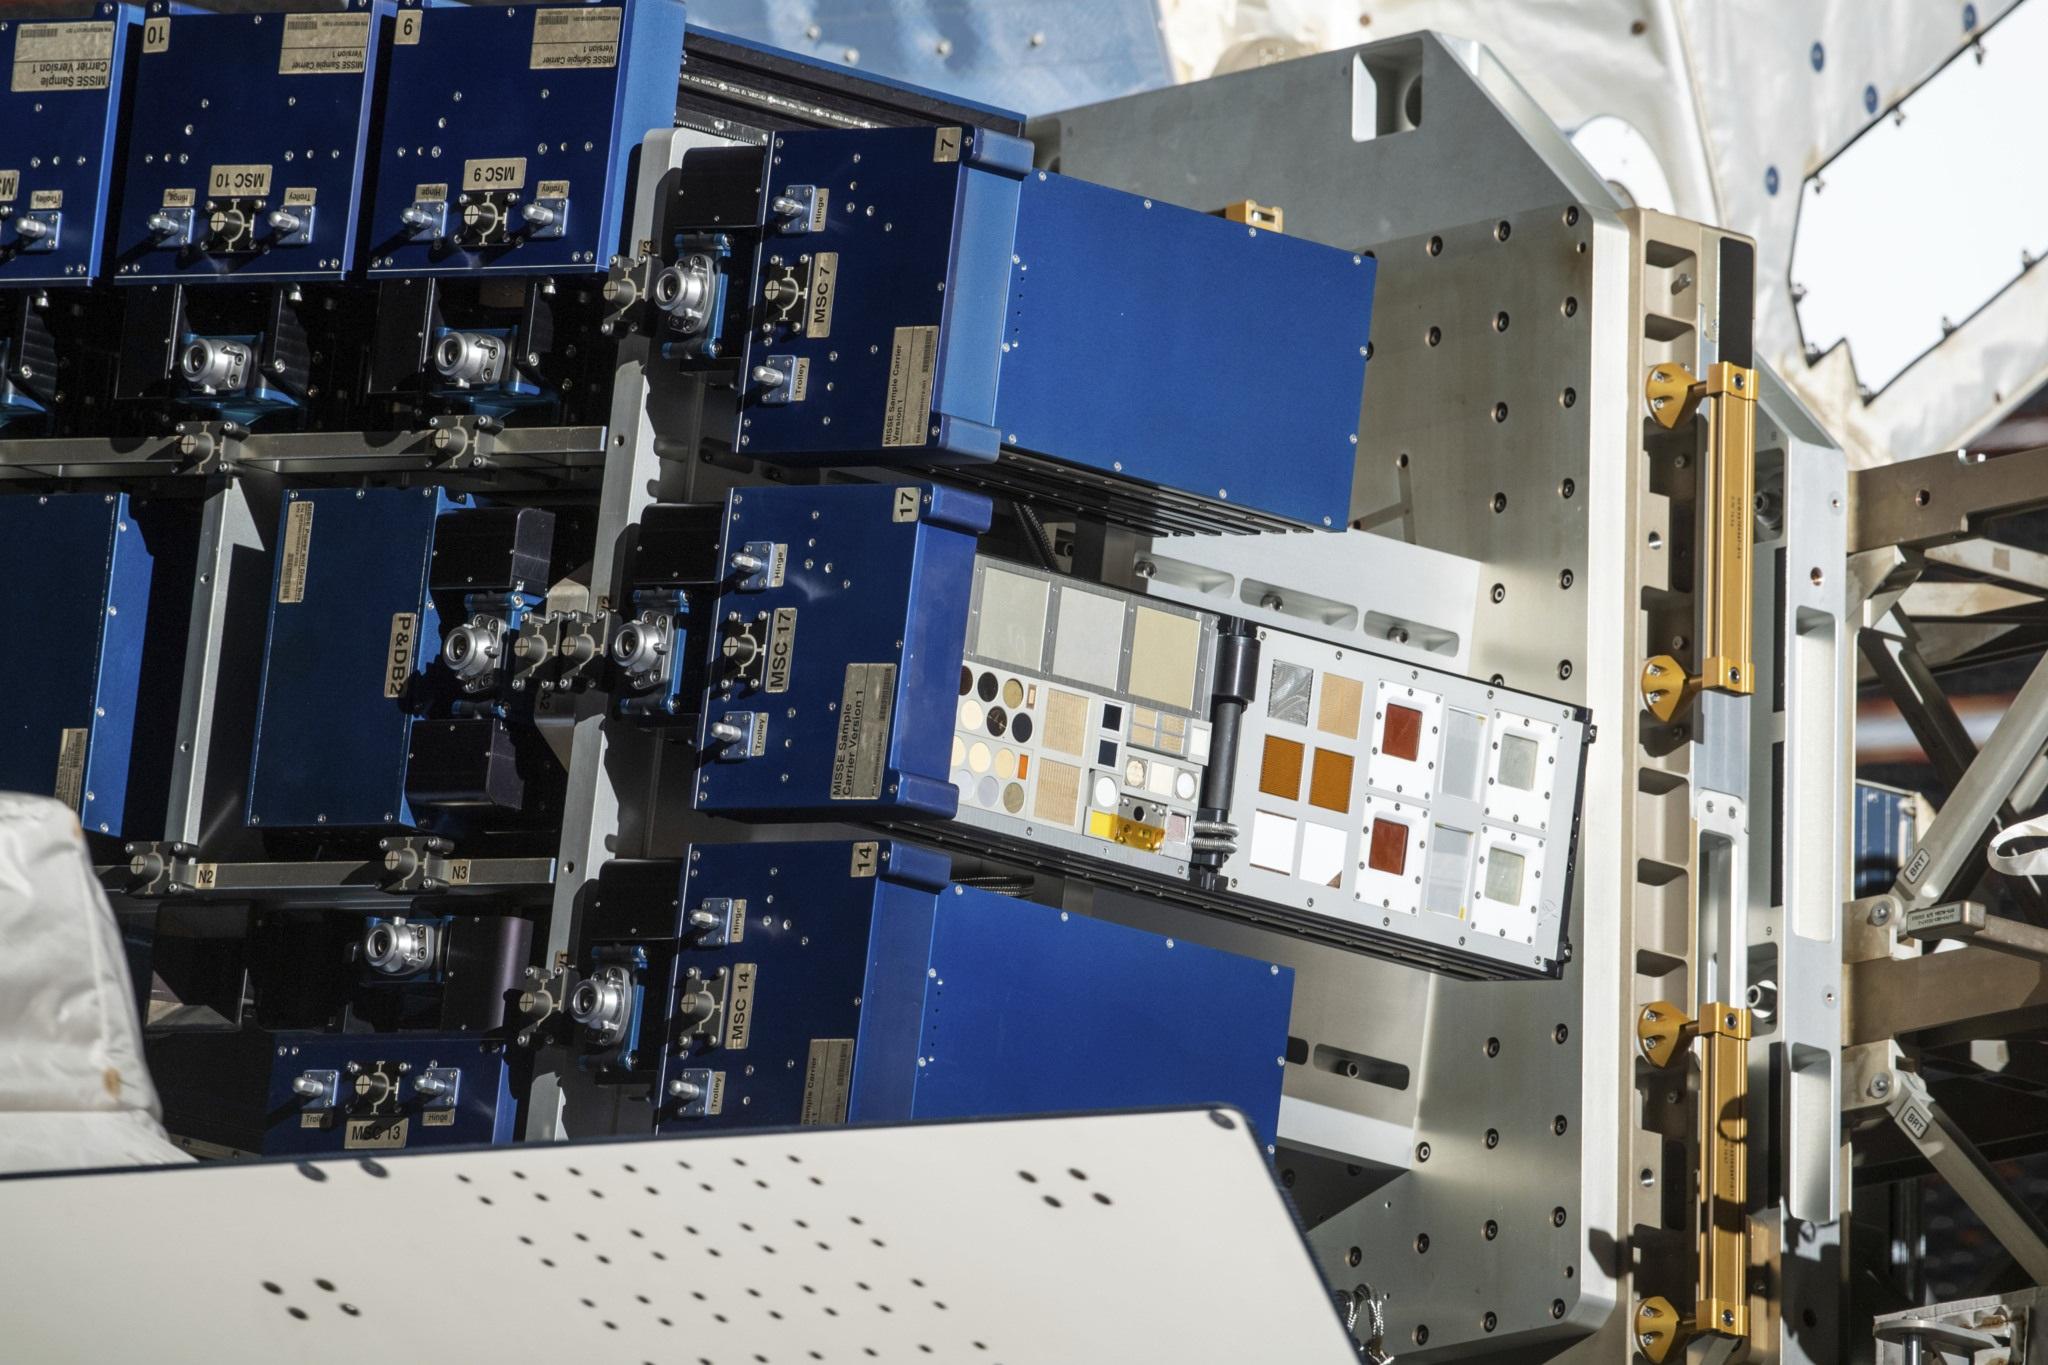 La piattaforma Materials ISS Experiment Flight Facility (MISSE-FF) posta all'esterno della ISS. Credits: NASA